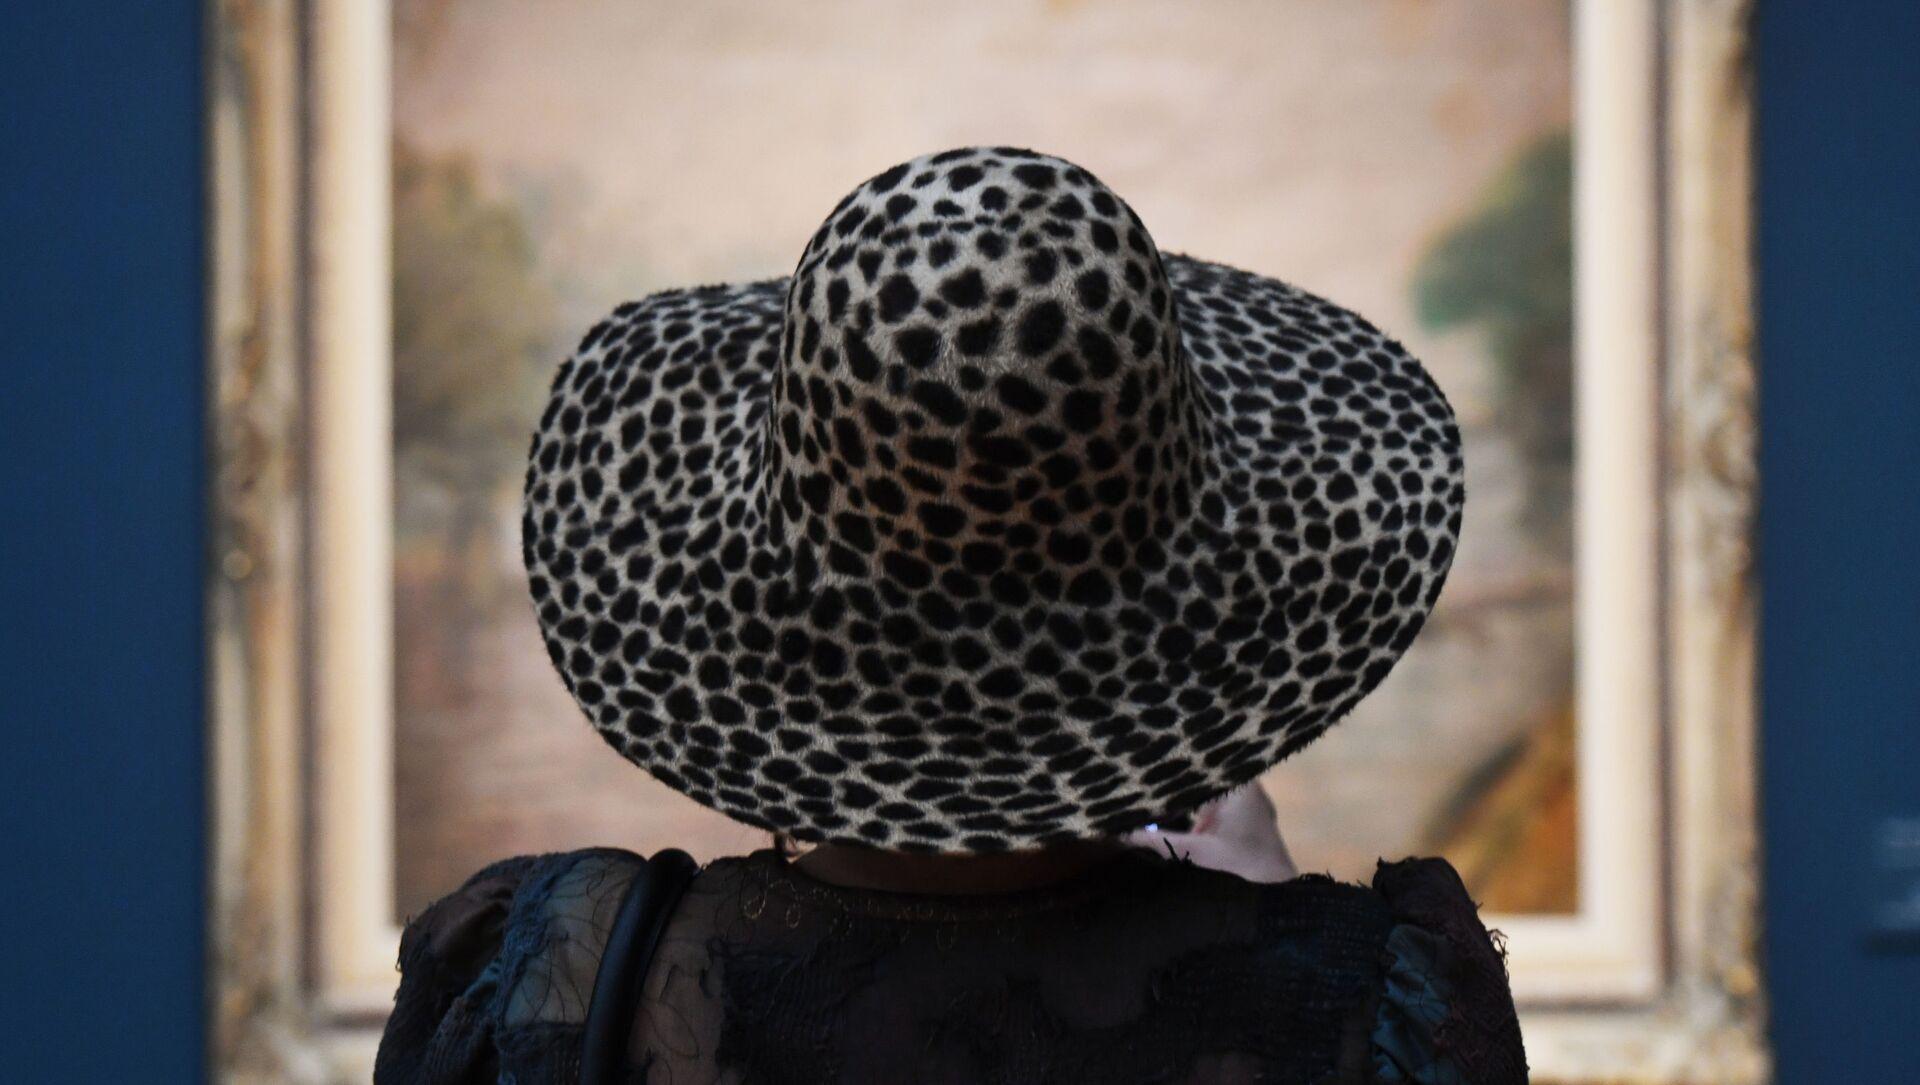 Посетительница на выставке Константин Кузнецов. Париж. Бретань. Нормандия в Третьяковской галерее в Москве - Sputnik Грузия, 1920, 11.03.2021